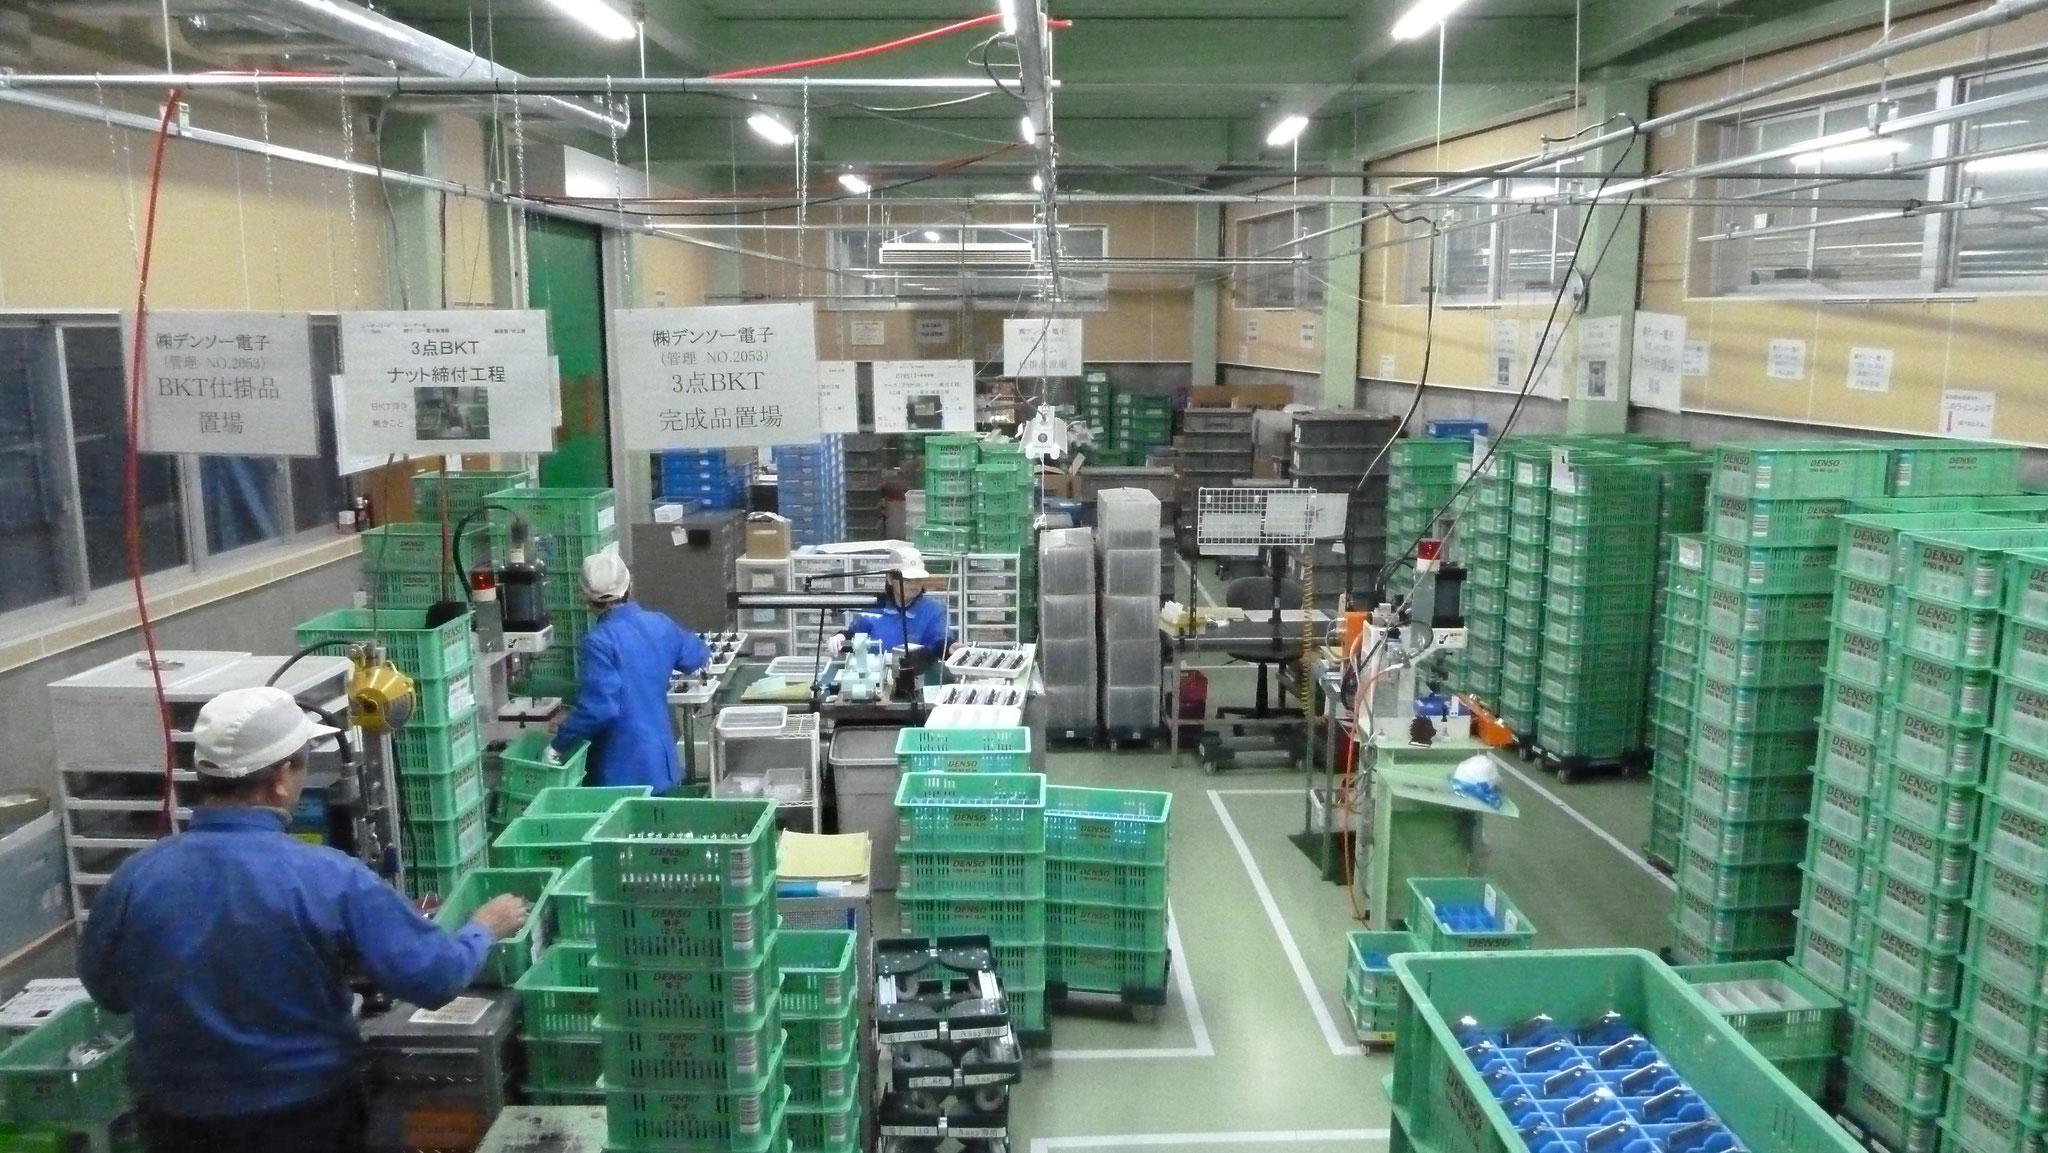 第四工場1F アッセンブリ工程及び仕上検査工程